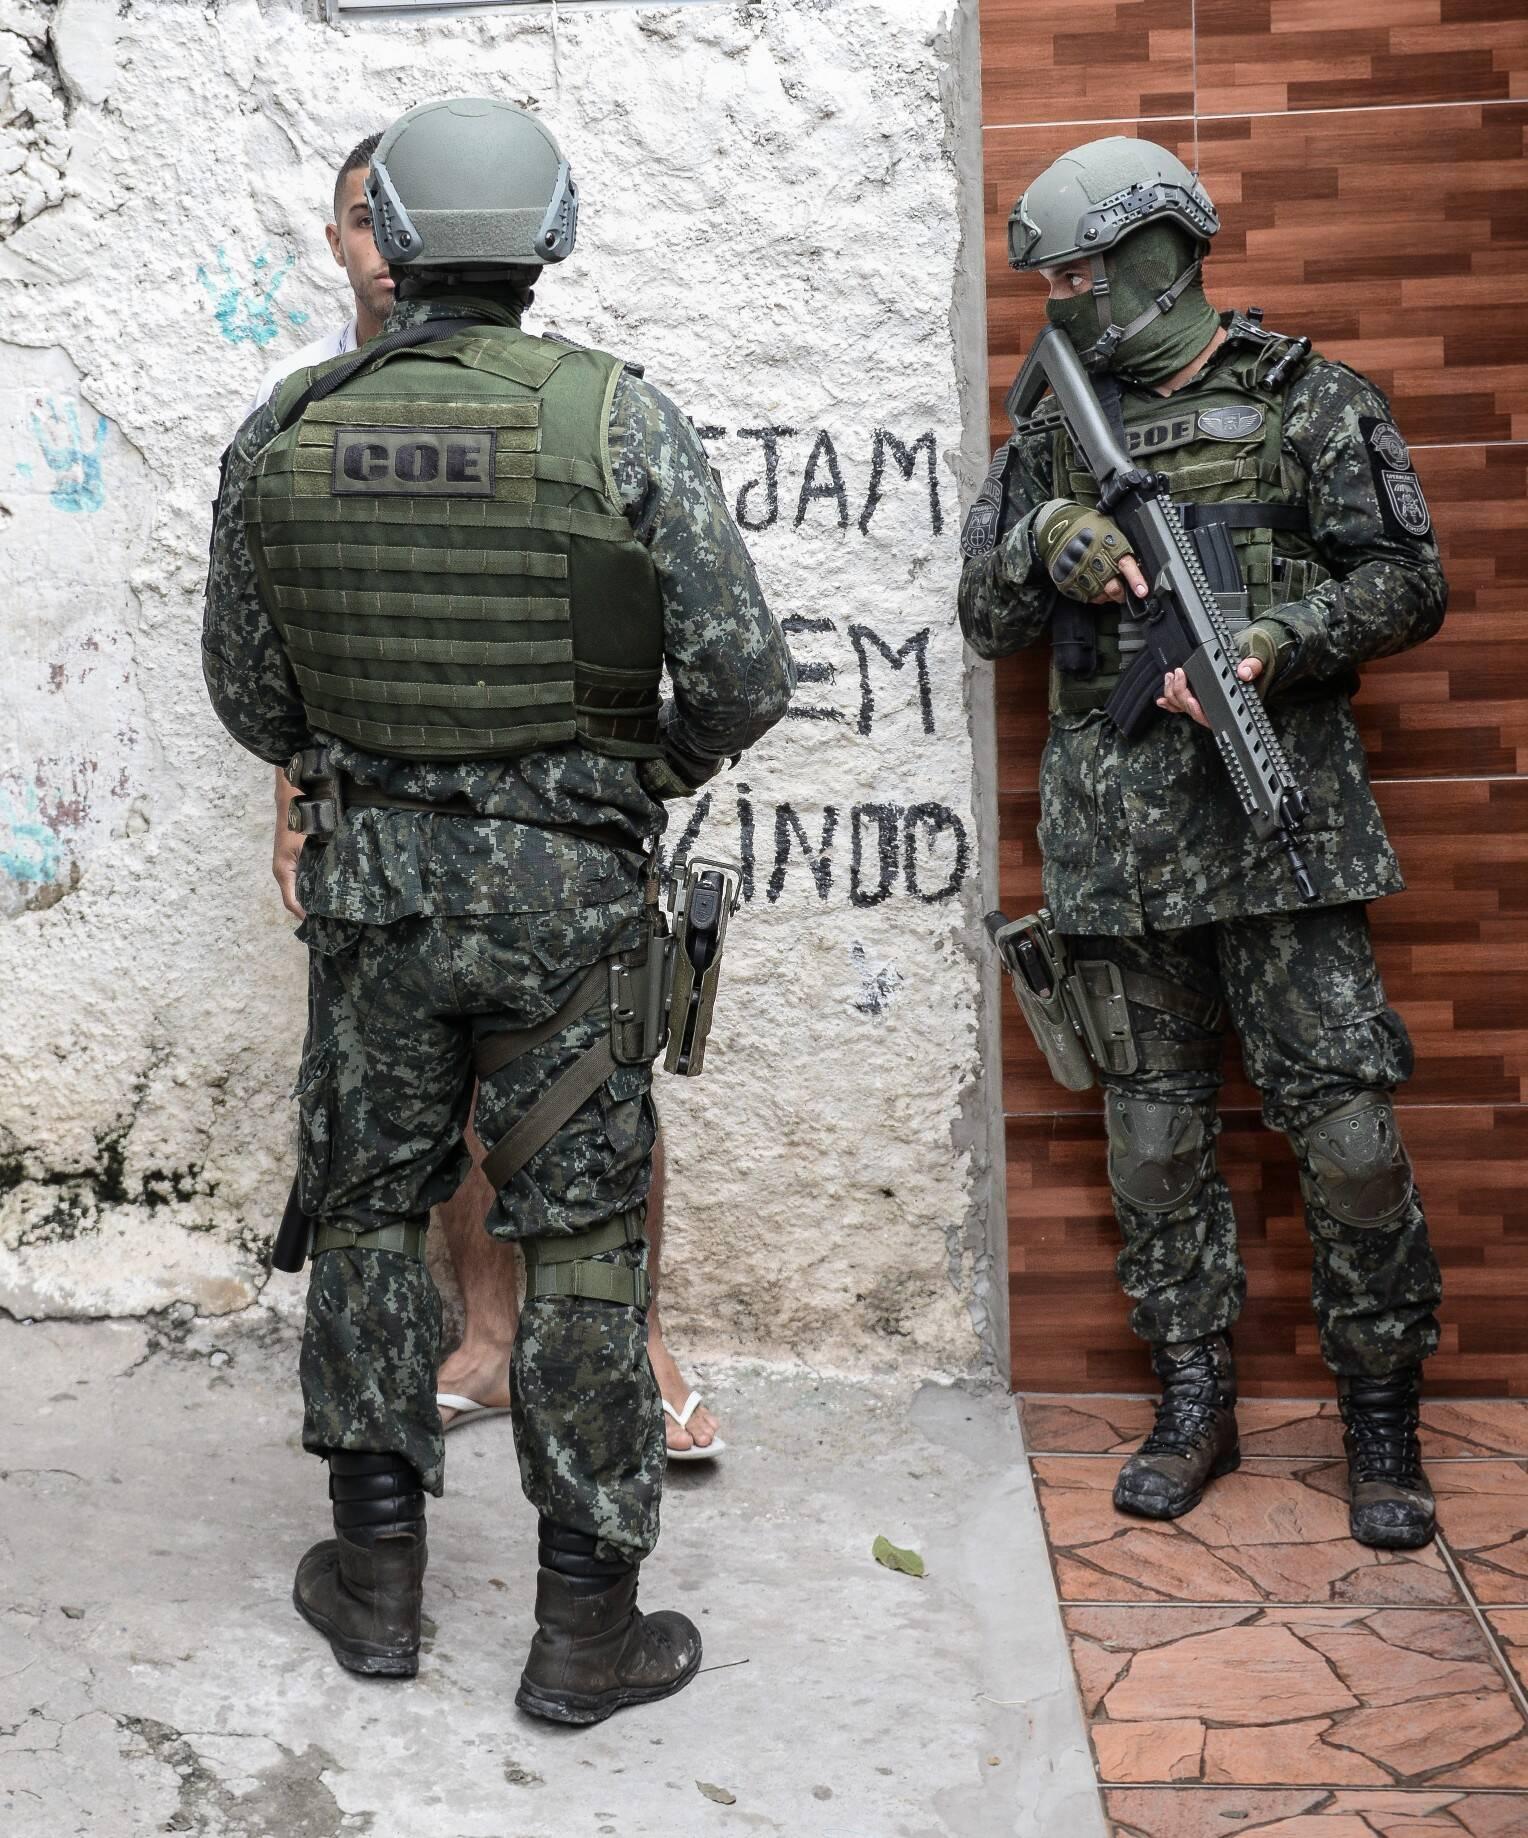 Operação em comunidade para combate ao tráfico de drogas e armas. Note que enquanto um Policial conversa com um cidadão, o outro dá cobertura. Foto: Major PM Luis Augusto Pacheco Ambar